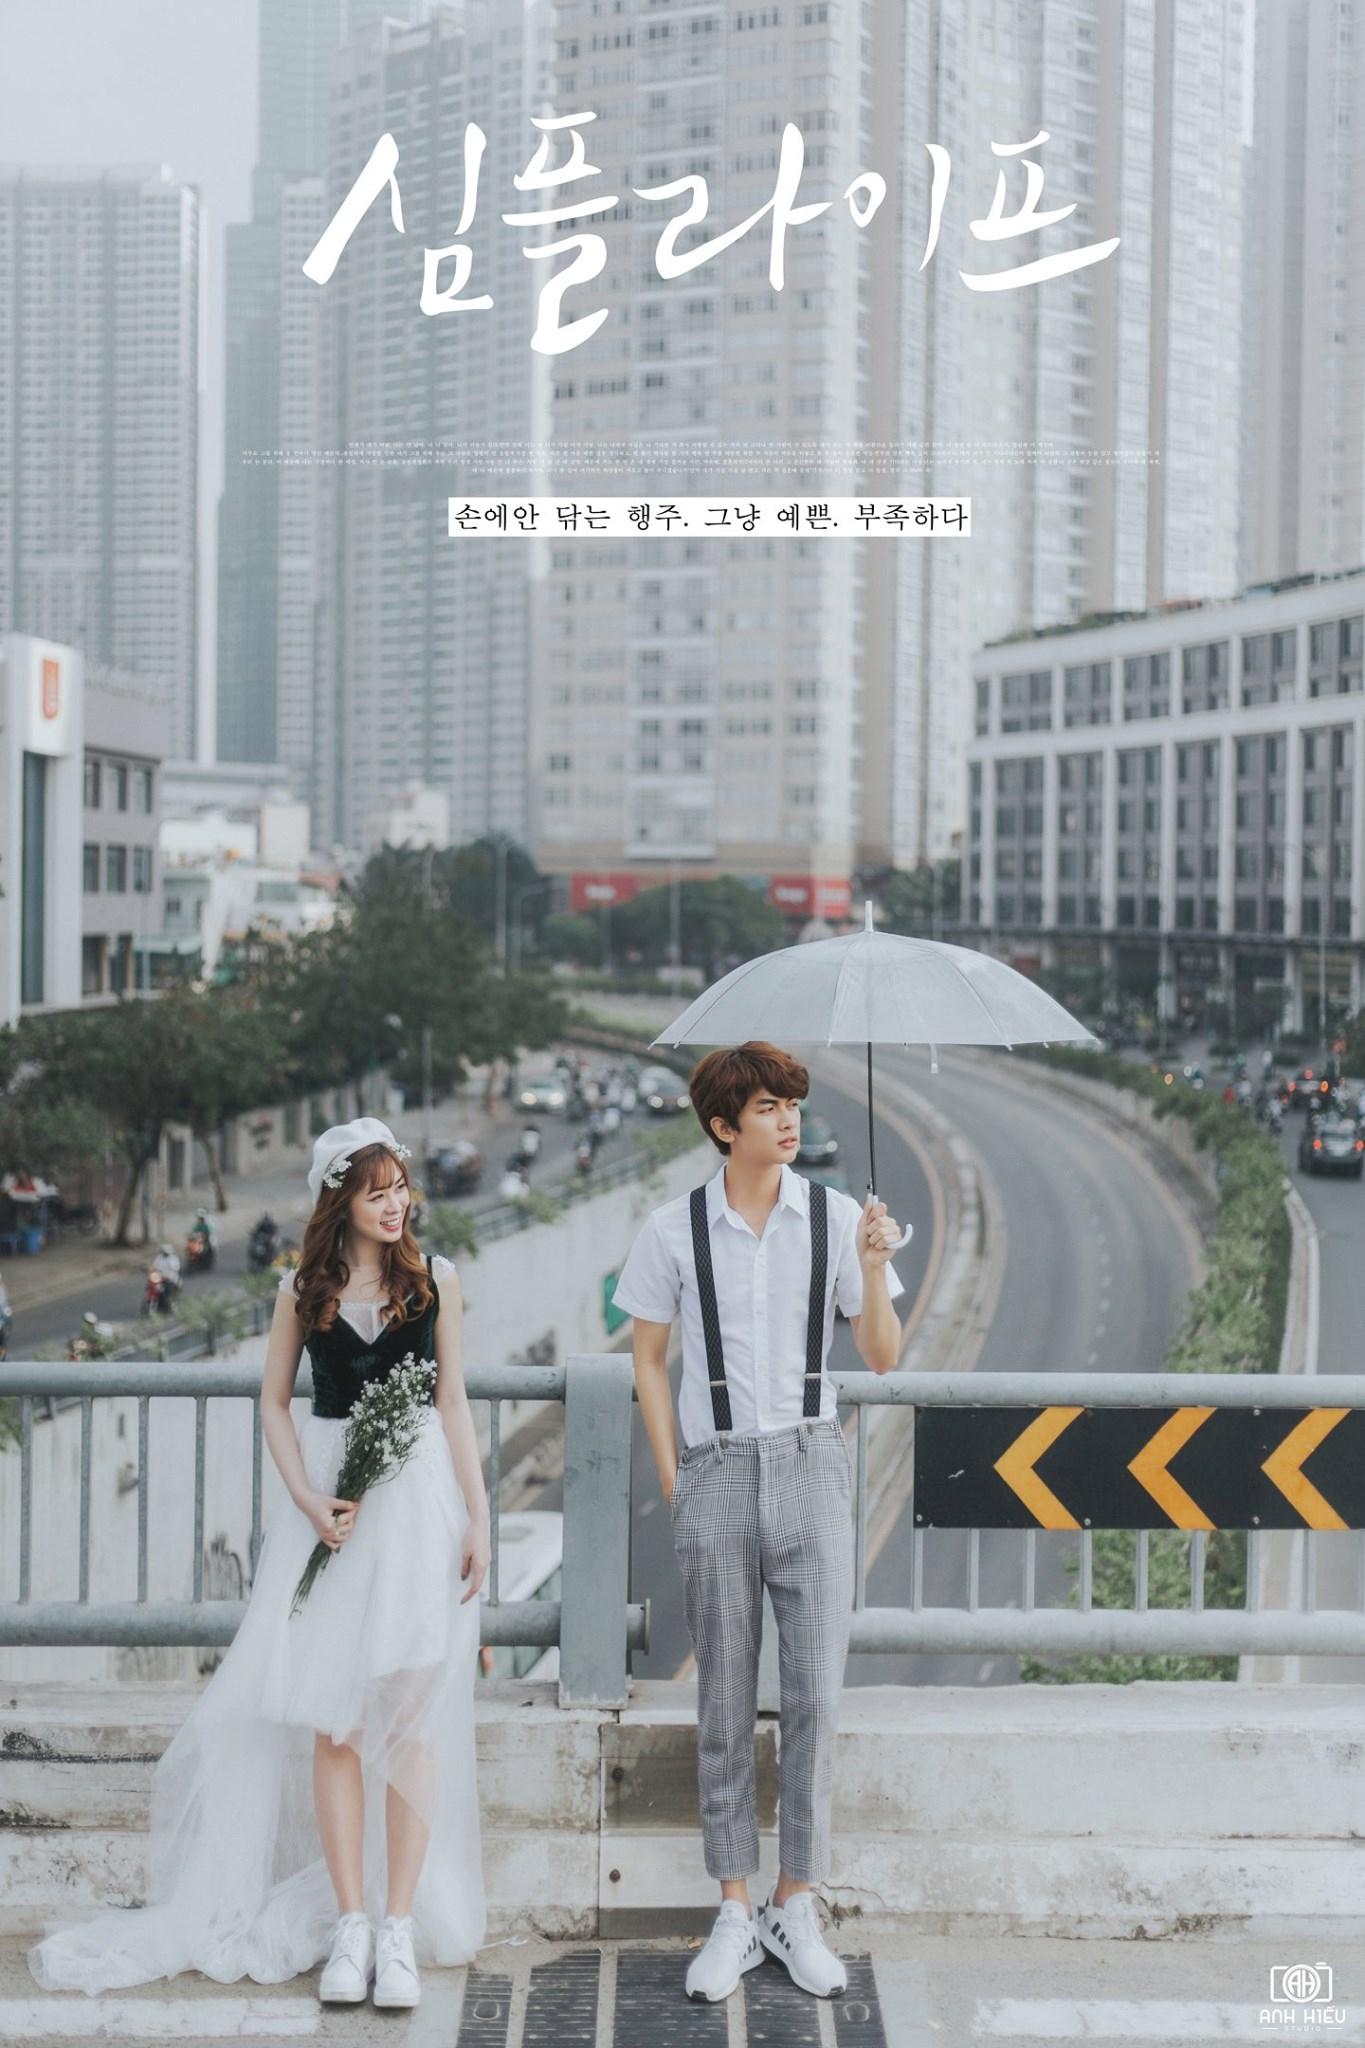 Hinh Cuoi Sai Gon Pho Album 3 (4)